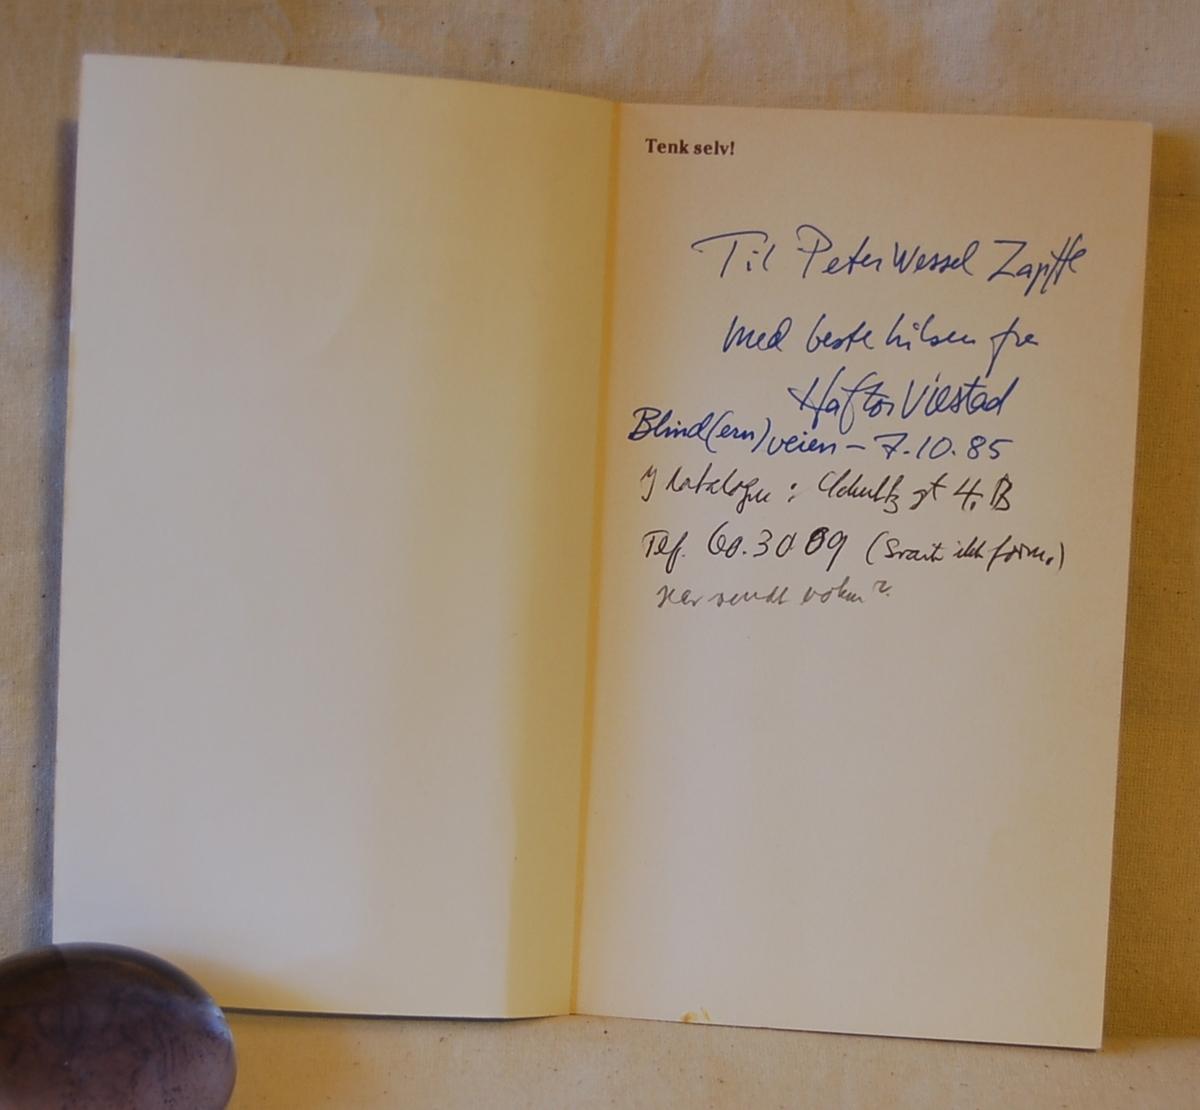 Filosofen Peter Wessel Zapffe og hans kone Berit testamenterte sin eiendom på Båstad i Asker til Universitetet i Oslo. Da det ble besluttet å selge eiendommen i 2009 ble deler av P.W. Zapffes arbeidsrom og andre eiendeler overlatt til Asker Museum. Denne samlingen inngår nå som en permanent utstilling på museet. Blått bokmerke (B) i boken